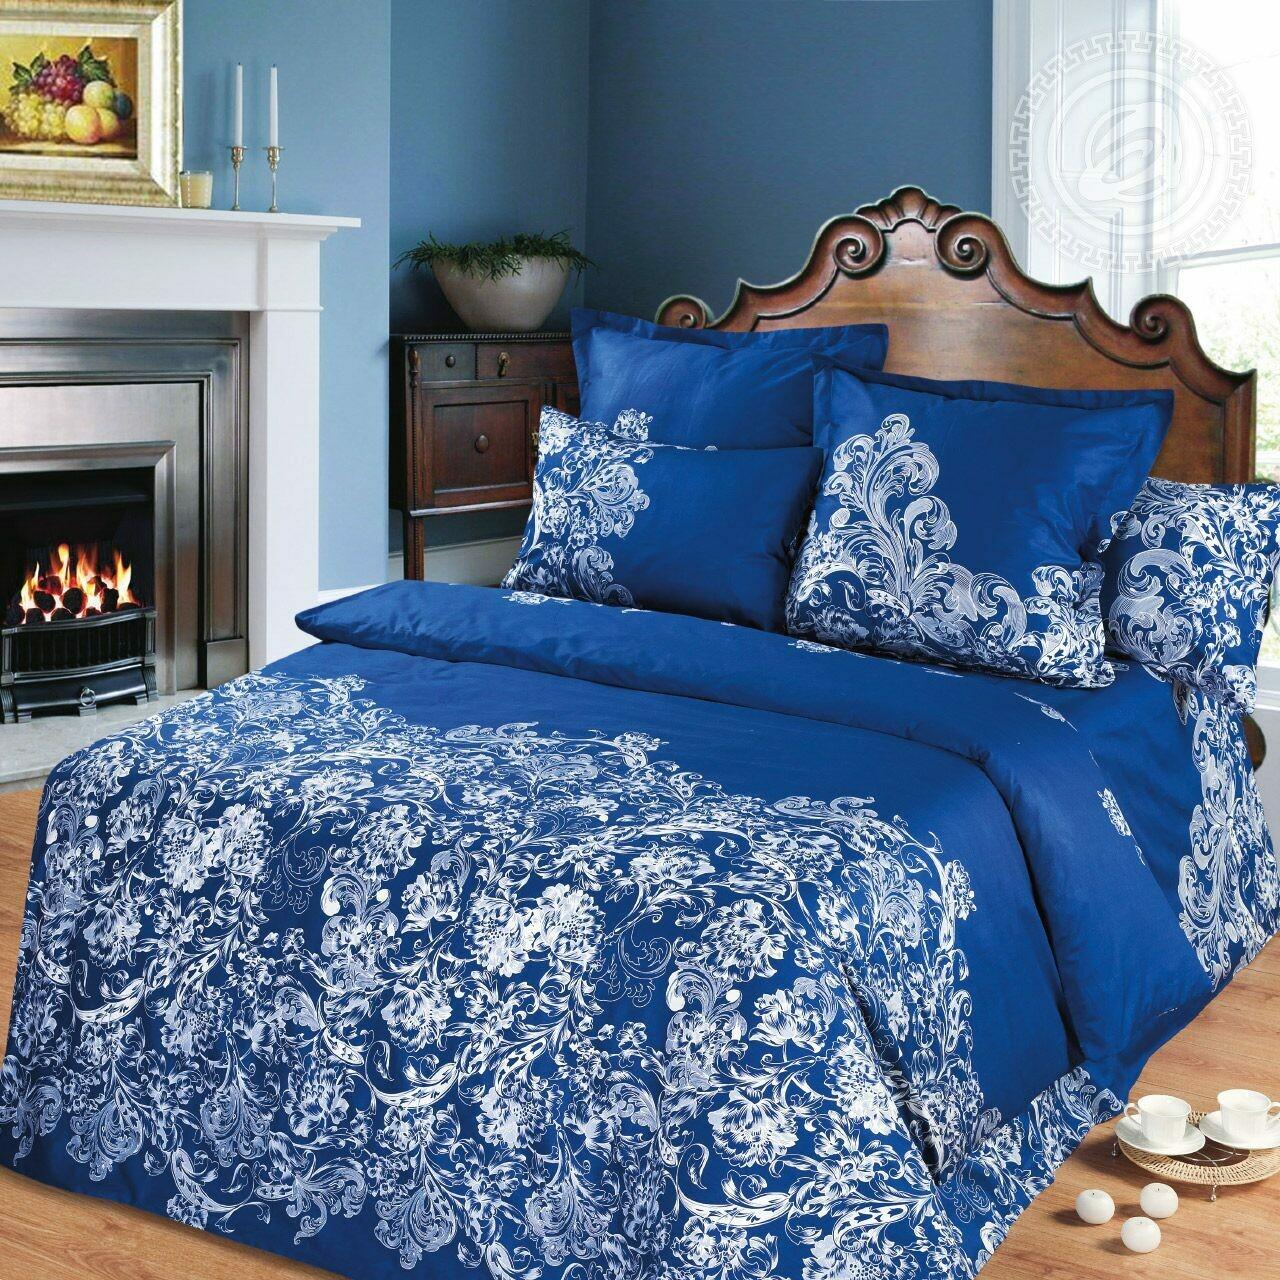 Натали - Classik  (Комплекты постельного белья)